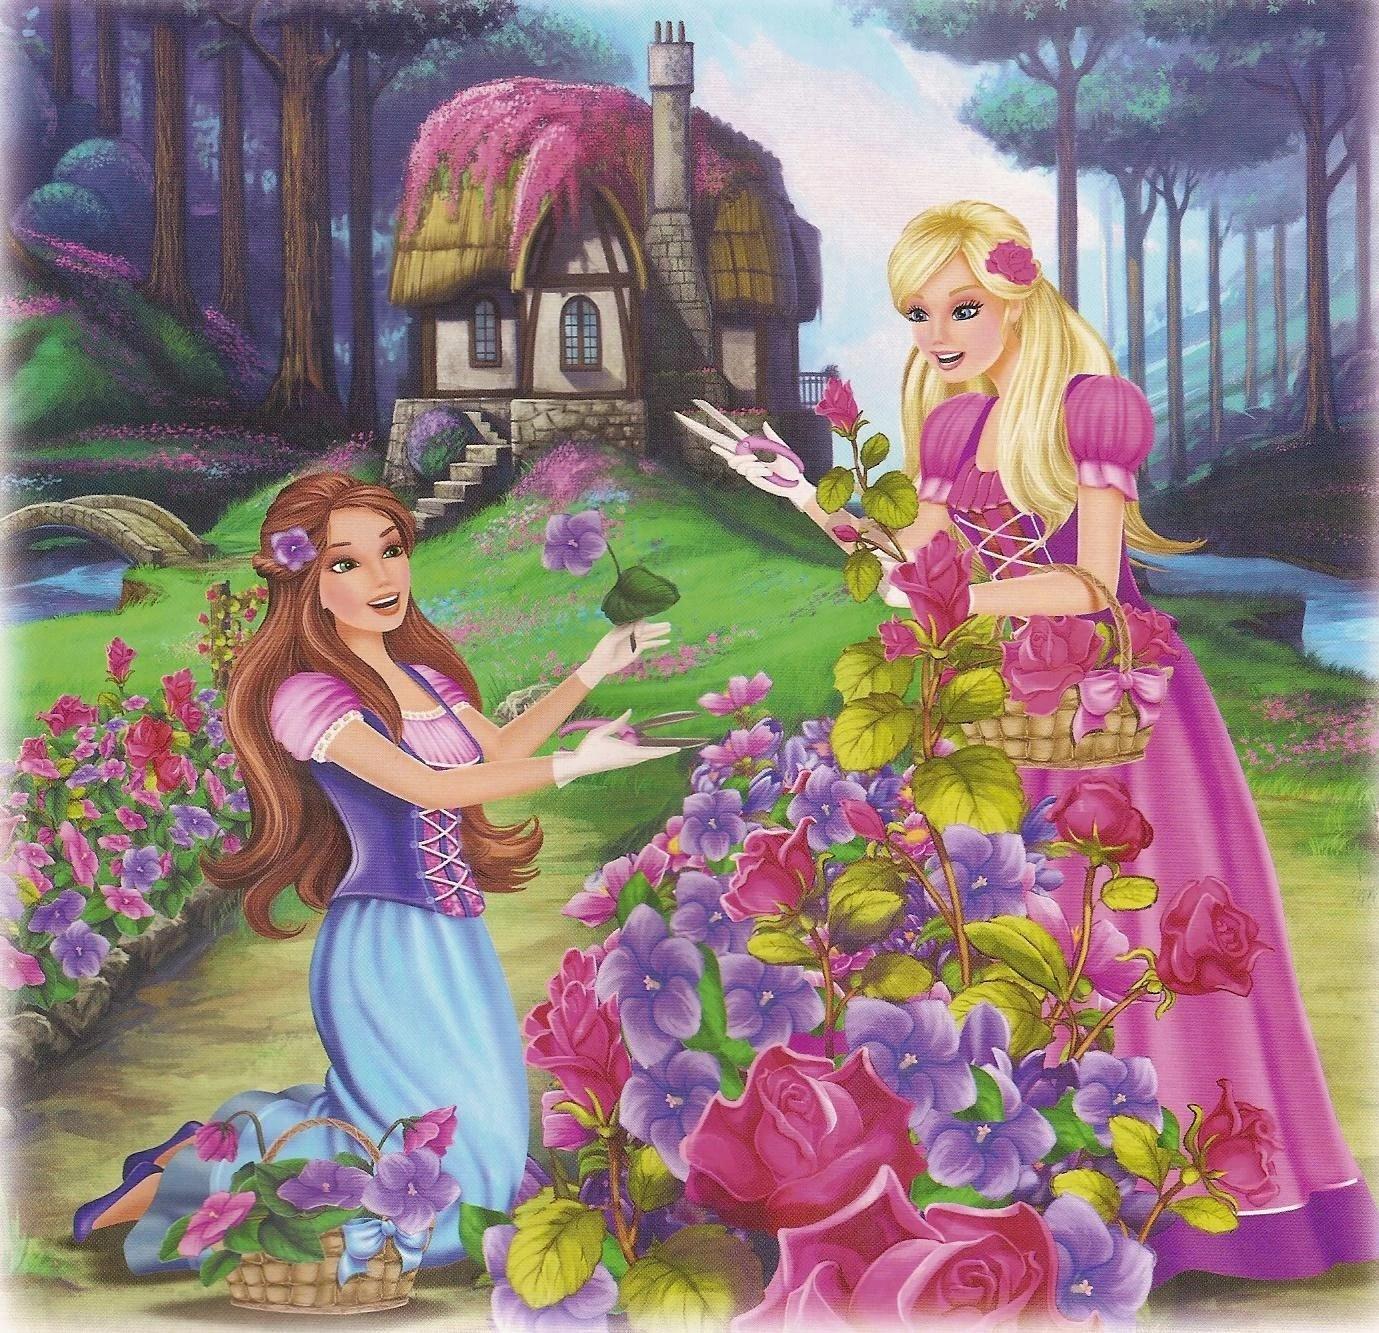 Image Barbie The Diamond Castle Book Scan 6 Barbie